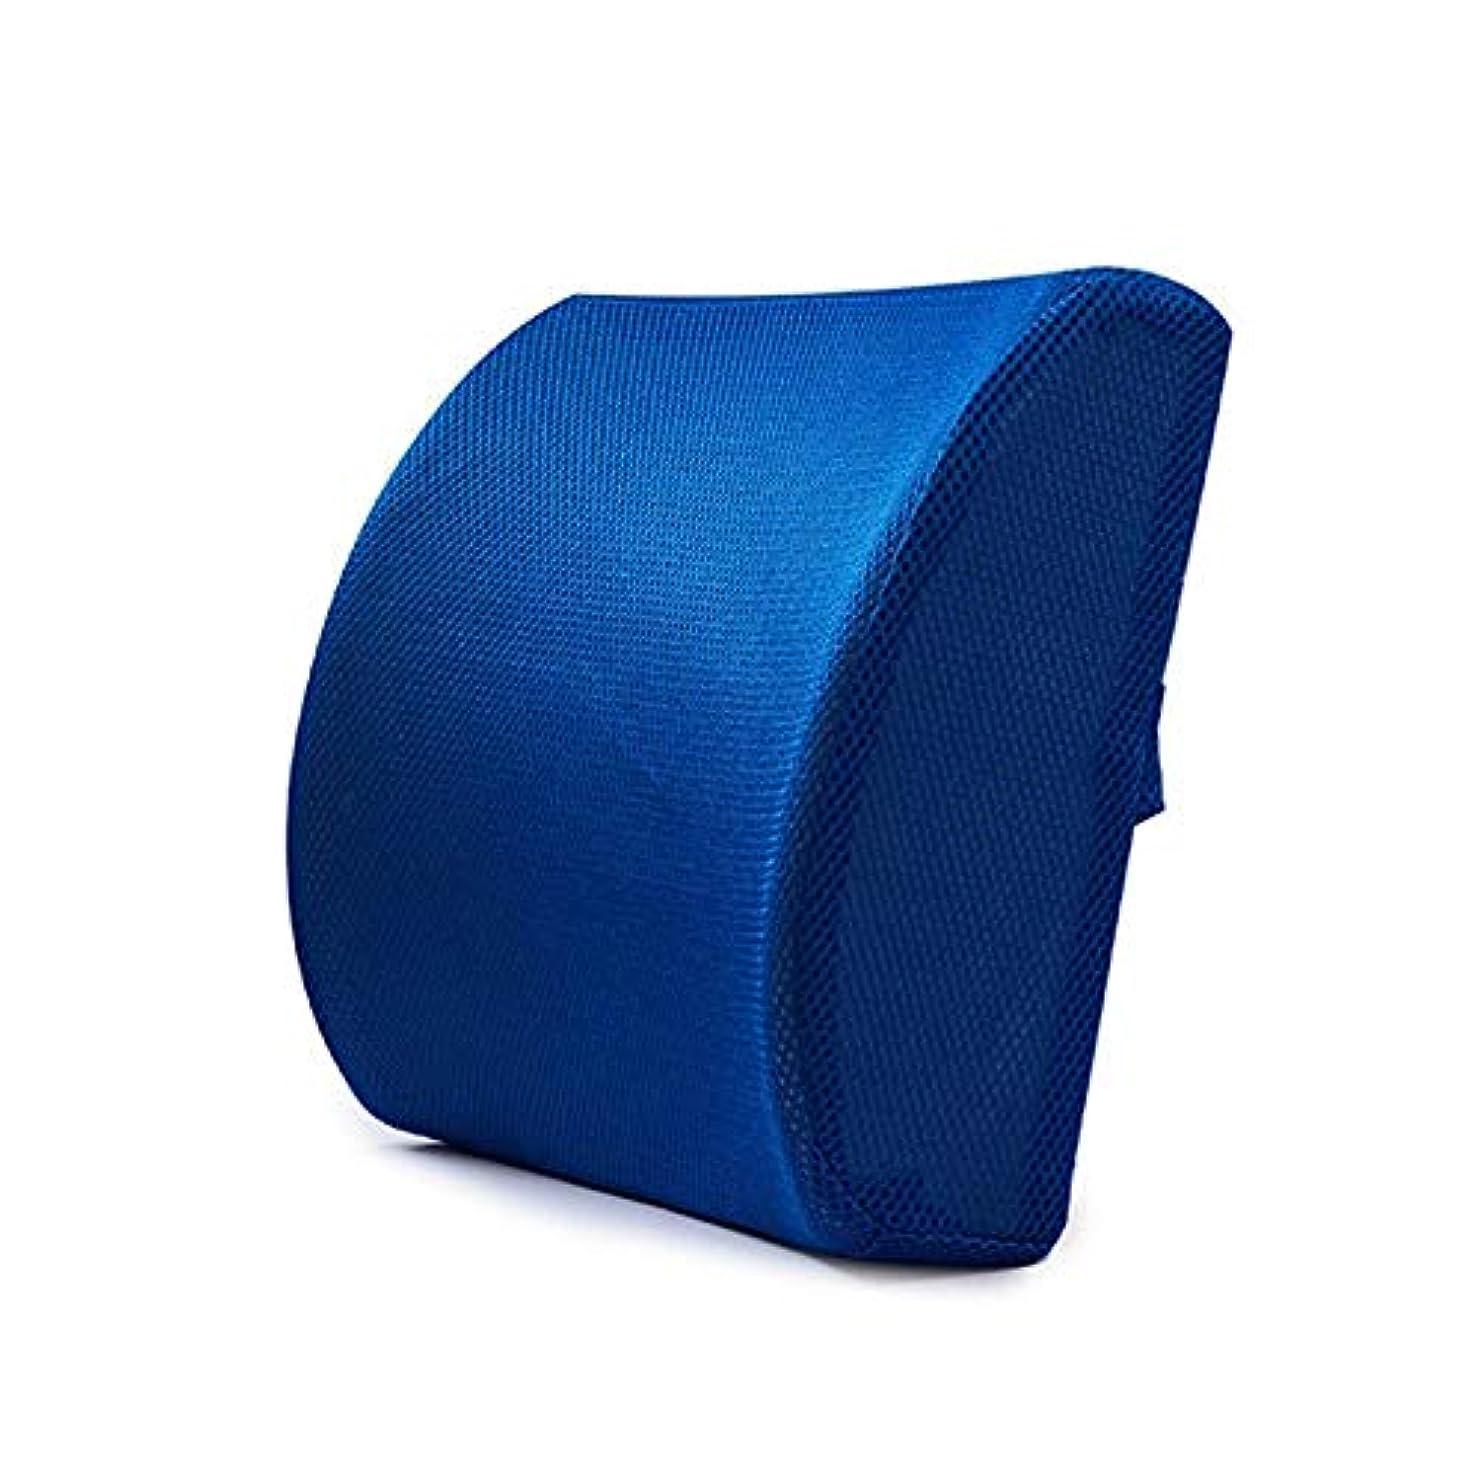 サークル放射するハイライトLIFE ホームオフィス背もたれ椅子腰椎クッションカーシートネック枕 3D 低反発サポートバックマッサージウエストレスリビング枕 クッション 椅子